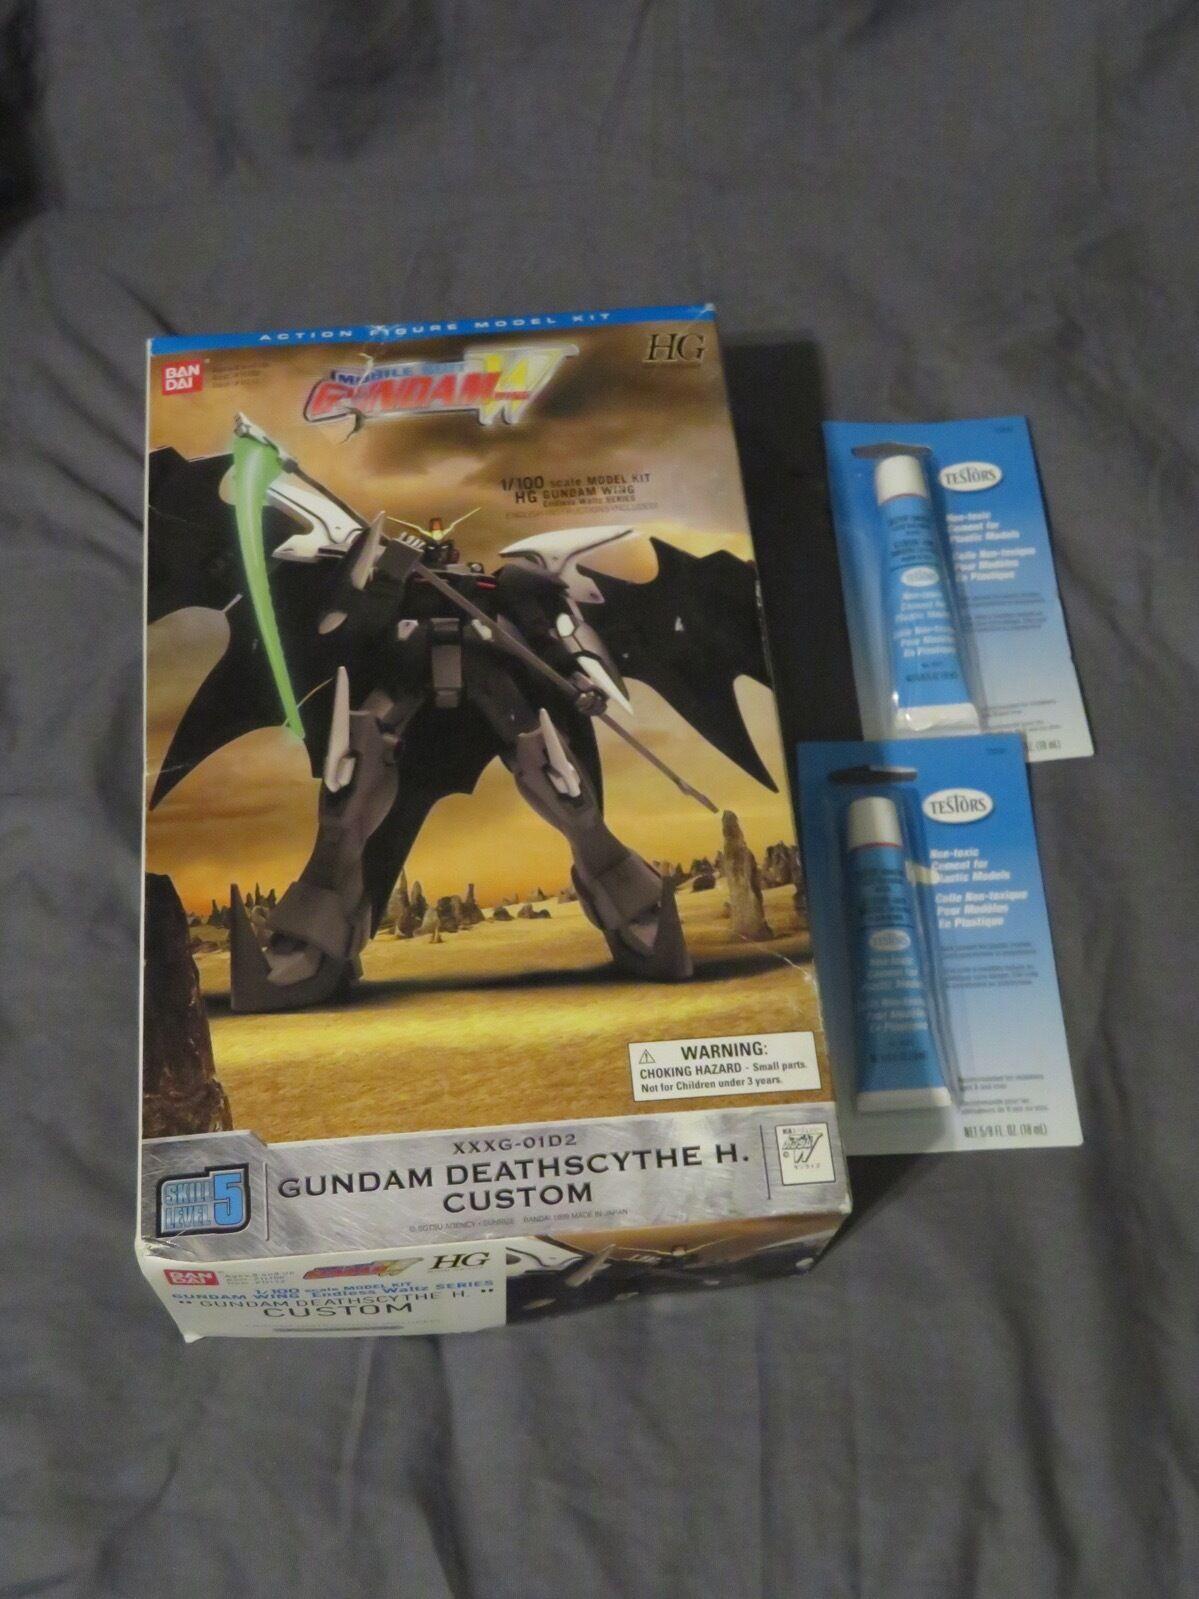 Gundam vinge EW 1  100 HG EW Eget XXXG -01D2 dödscythe H modellllerlerl Kit bilen Suit